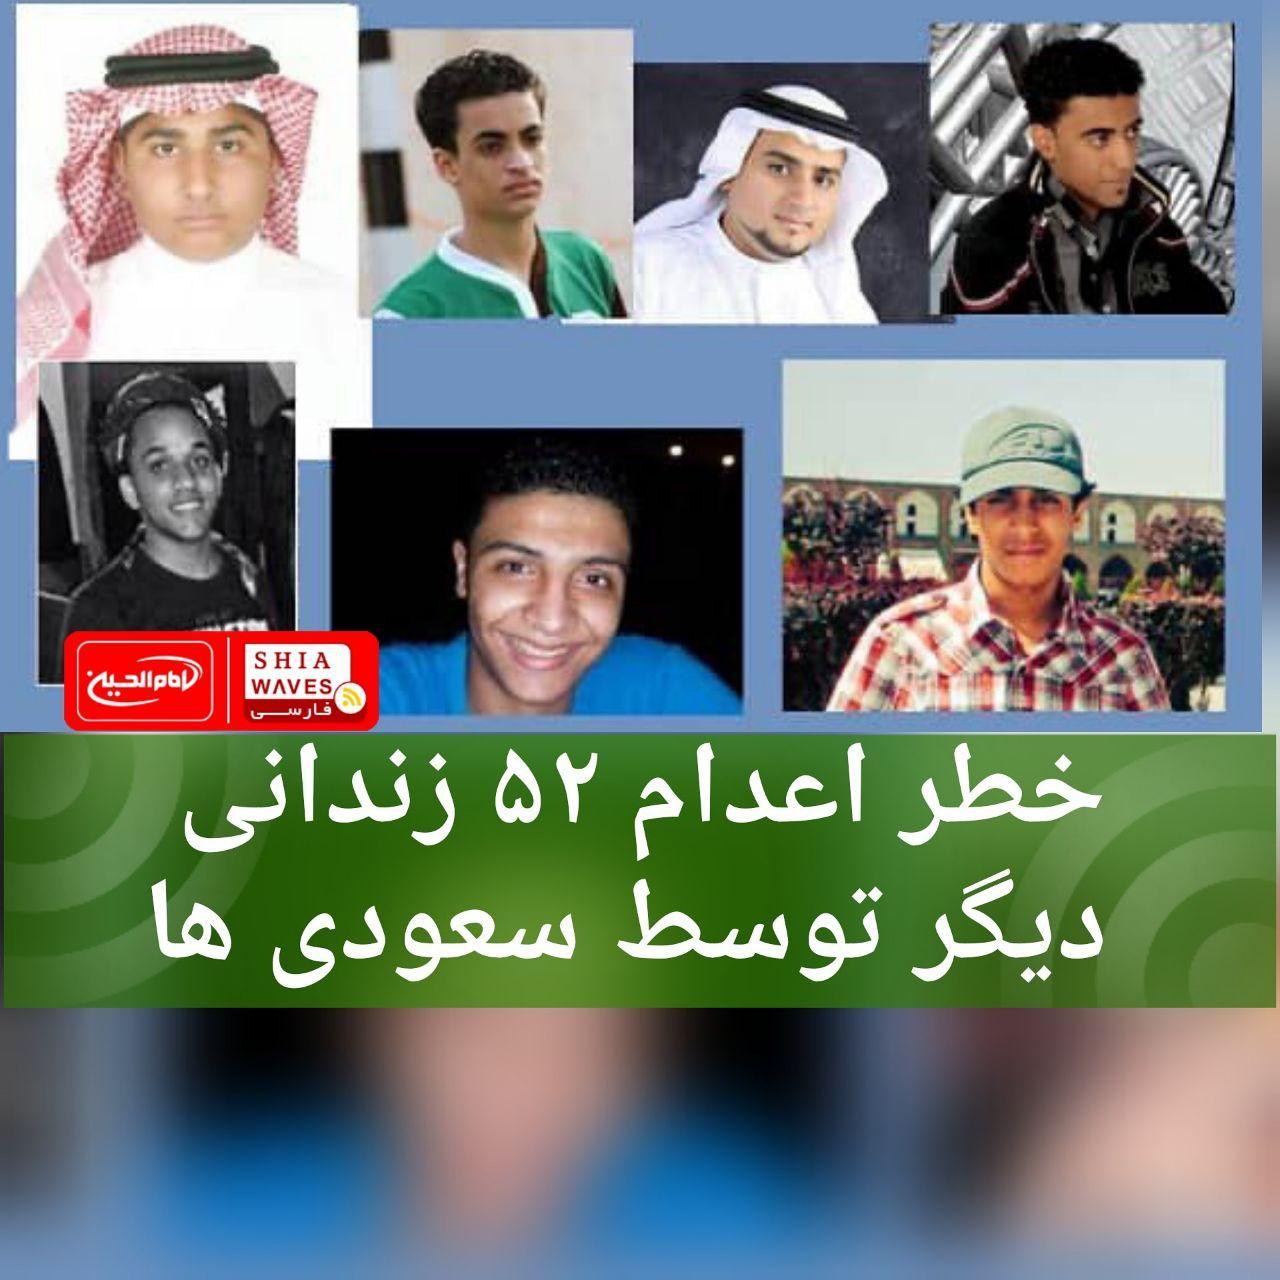 تصویر خطر اعدام ۵۲ زندانی دیگر توسط سعودی ها